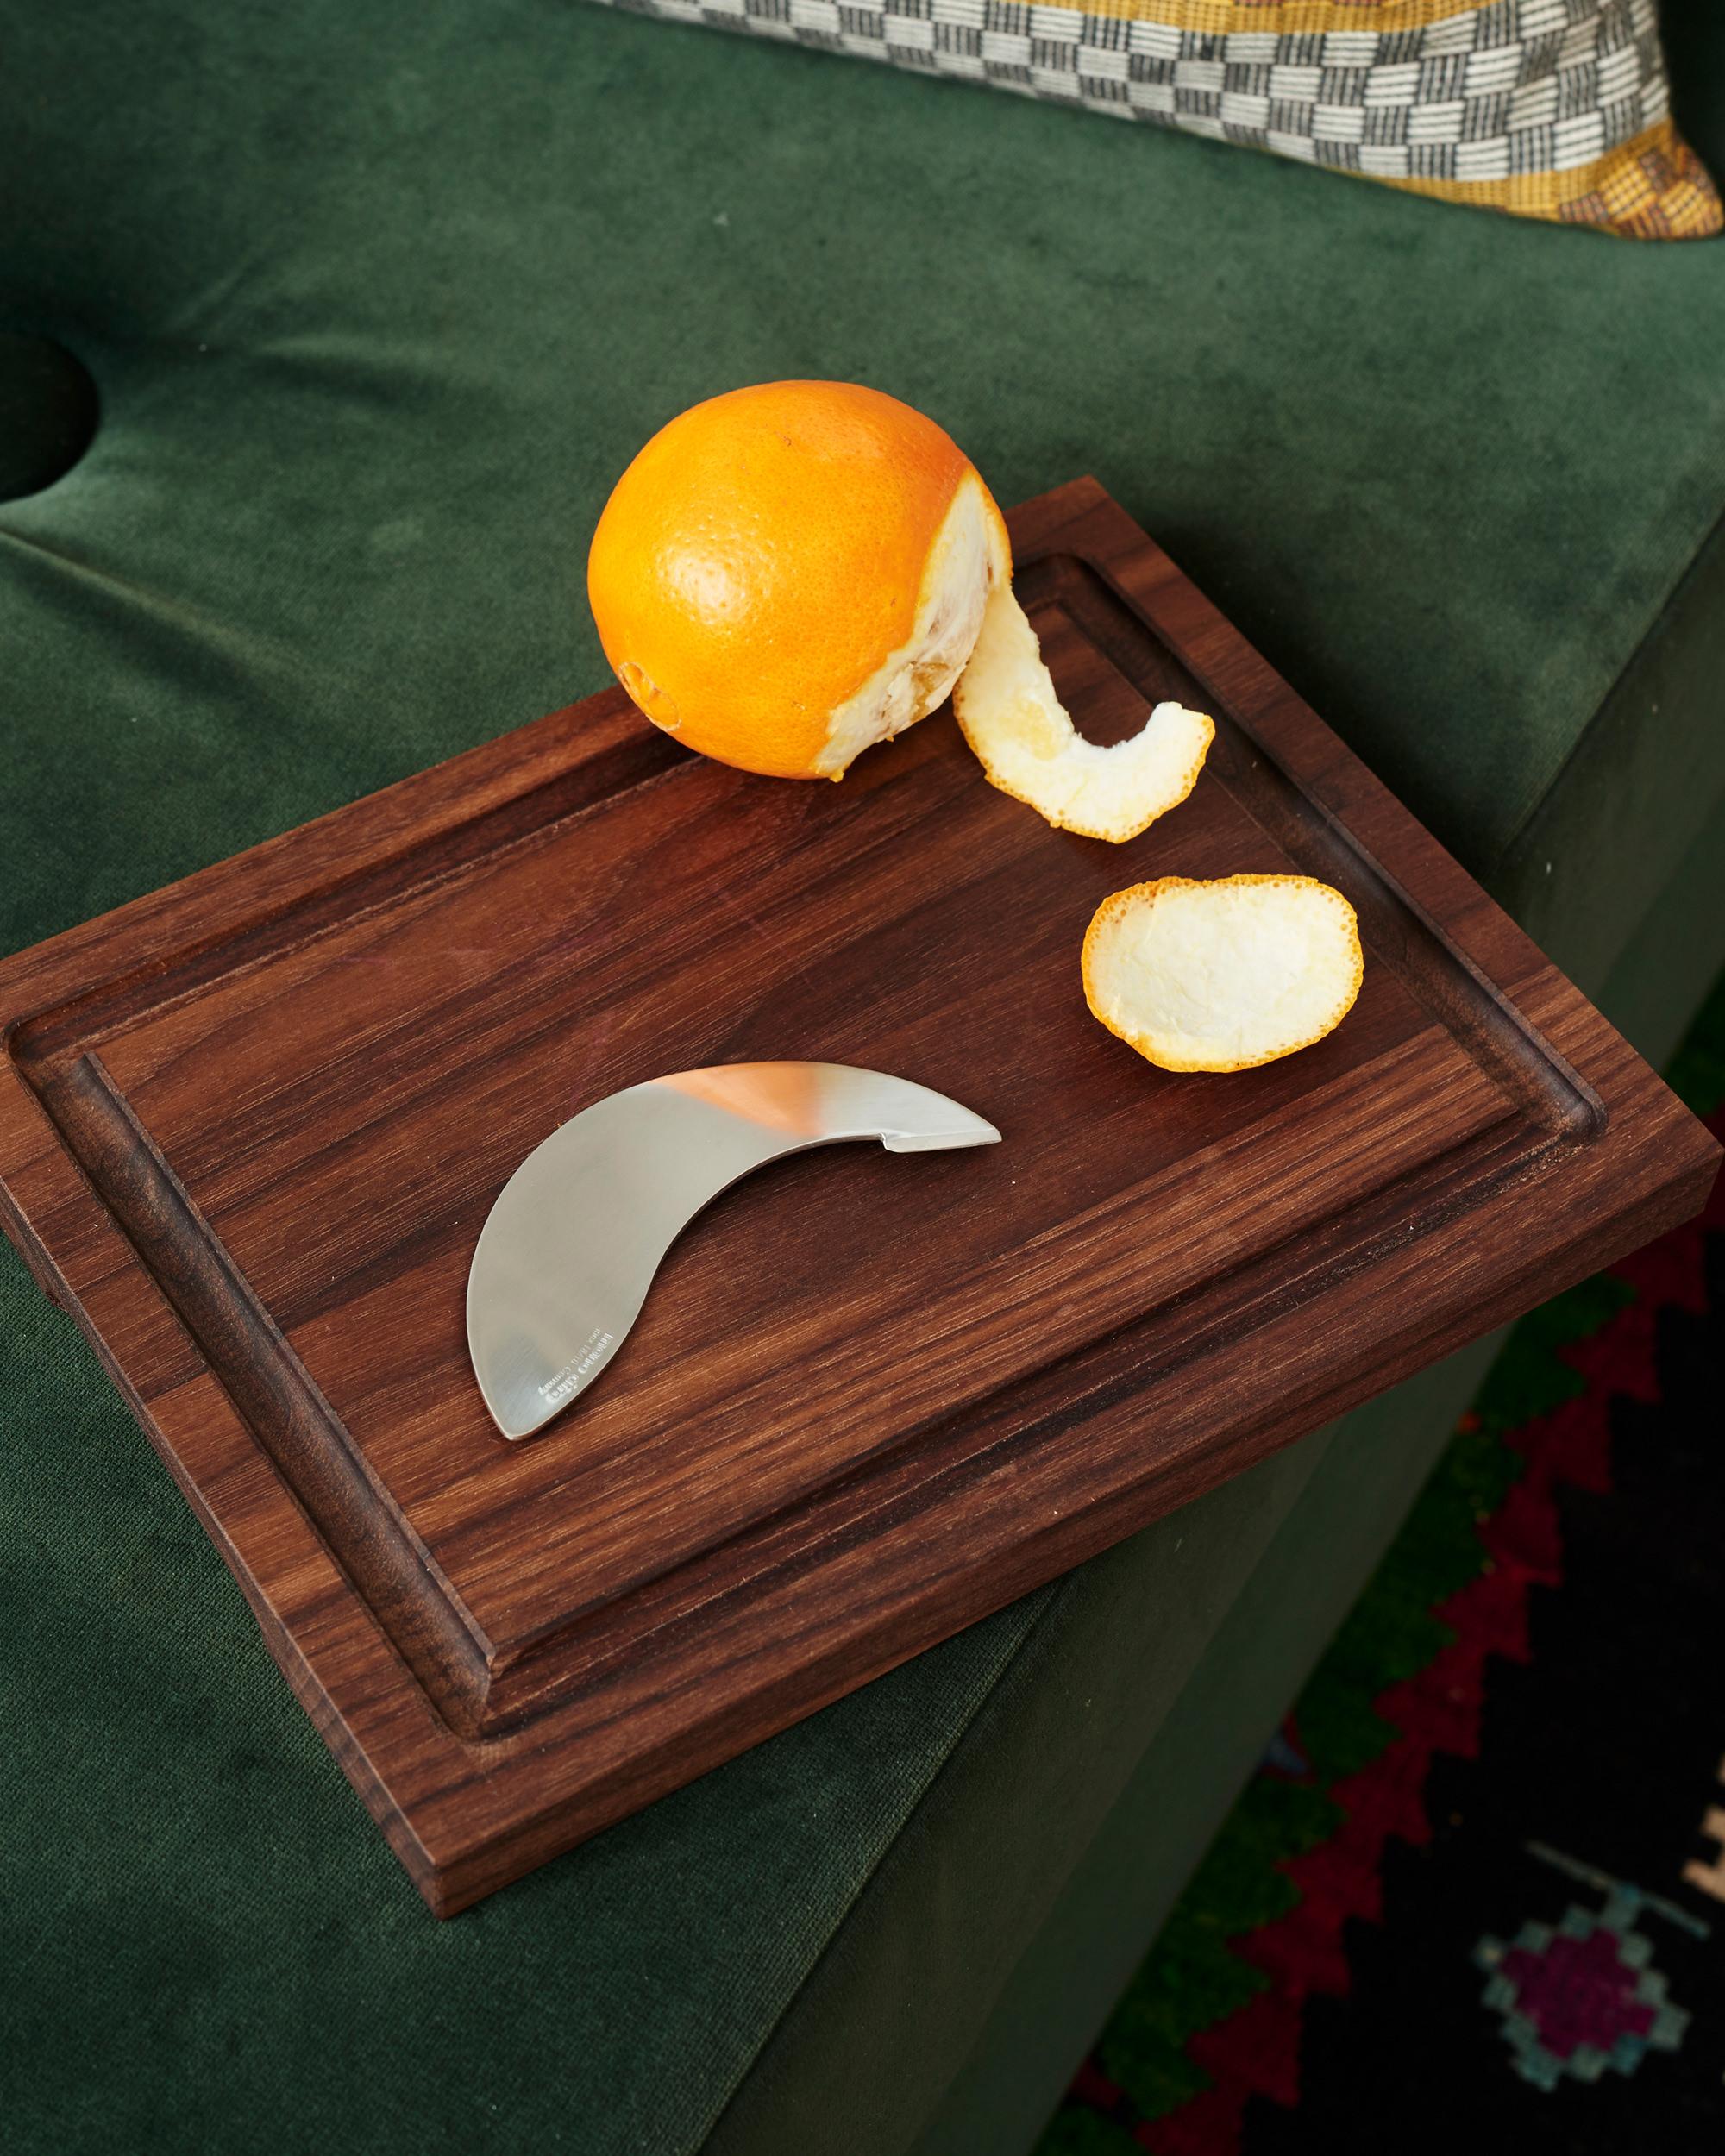 Mono Citro Orangenschäler Orange peeler Credits Fabian Frinzel 01